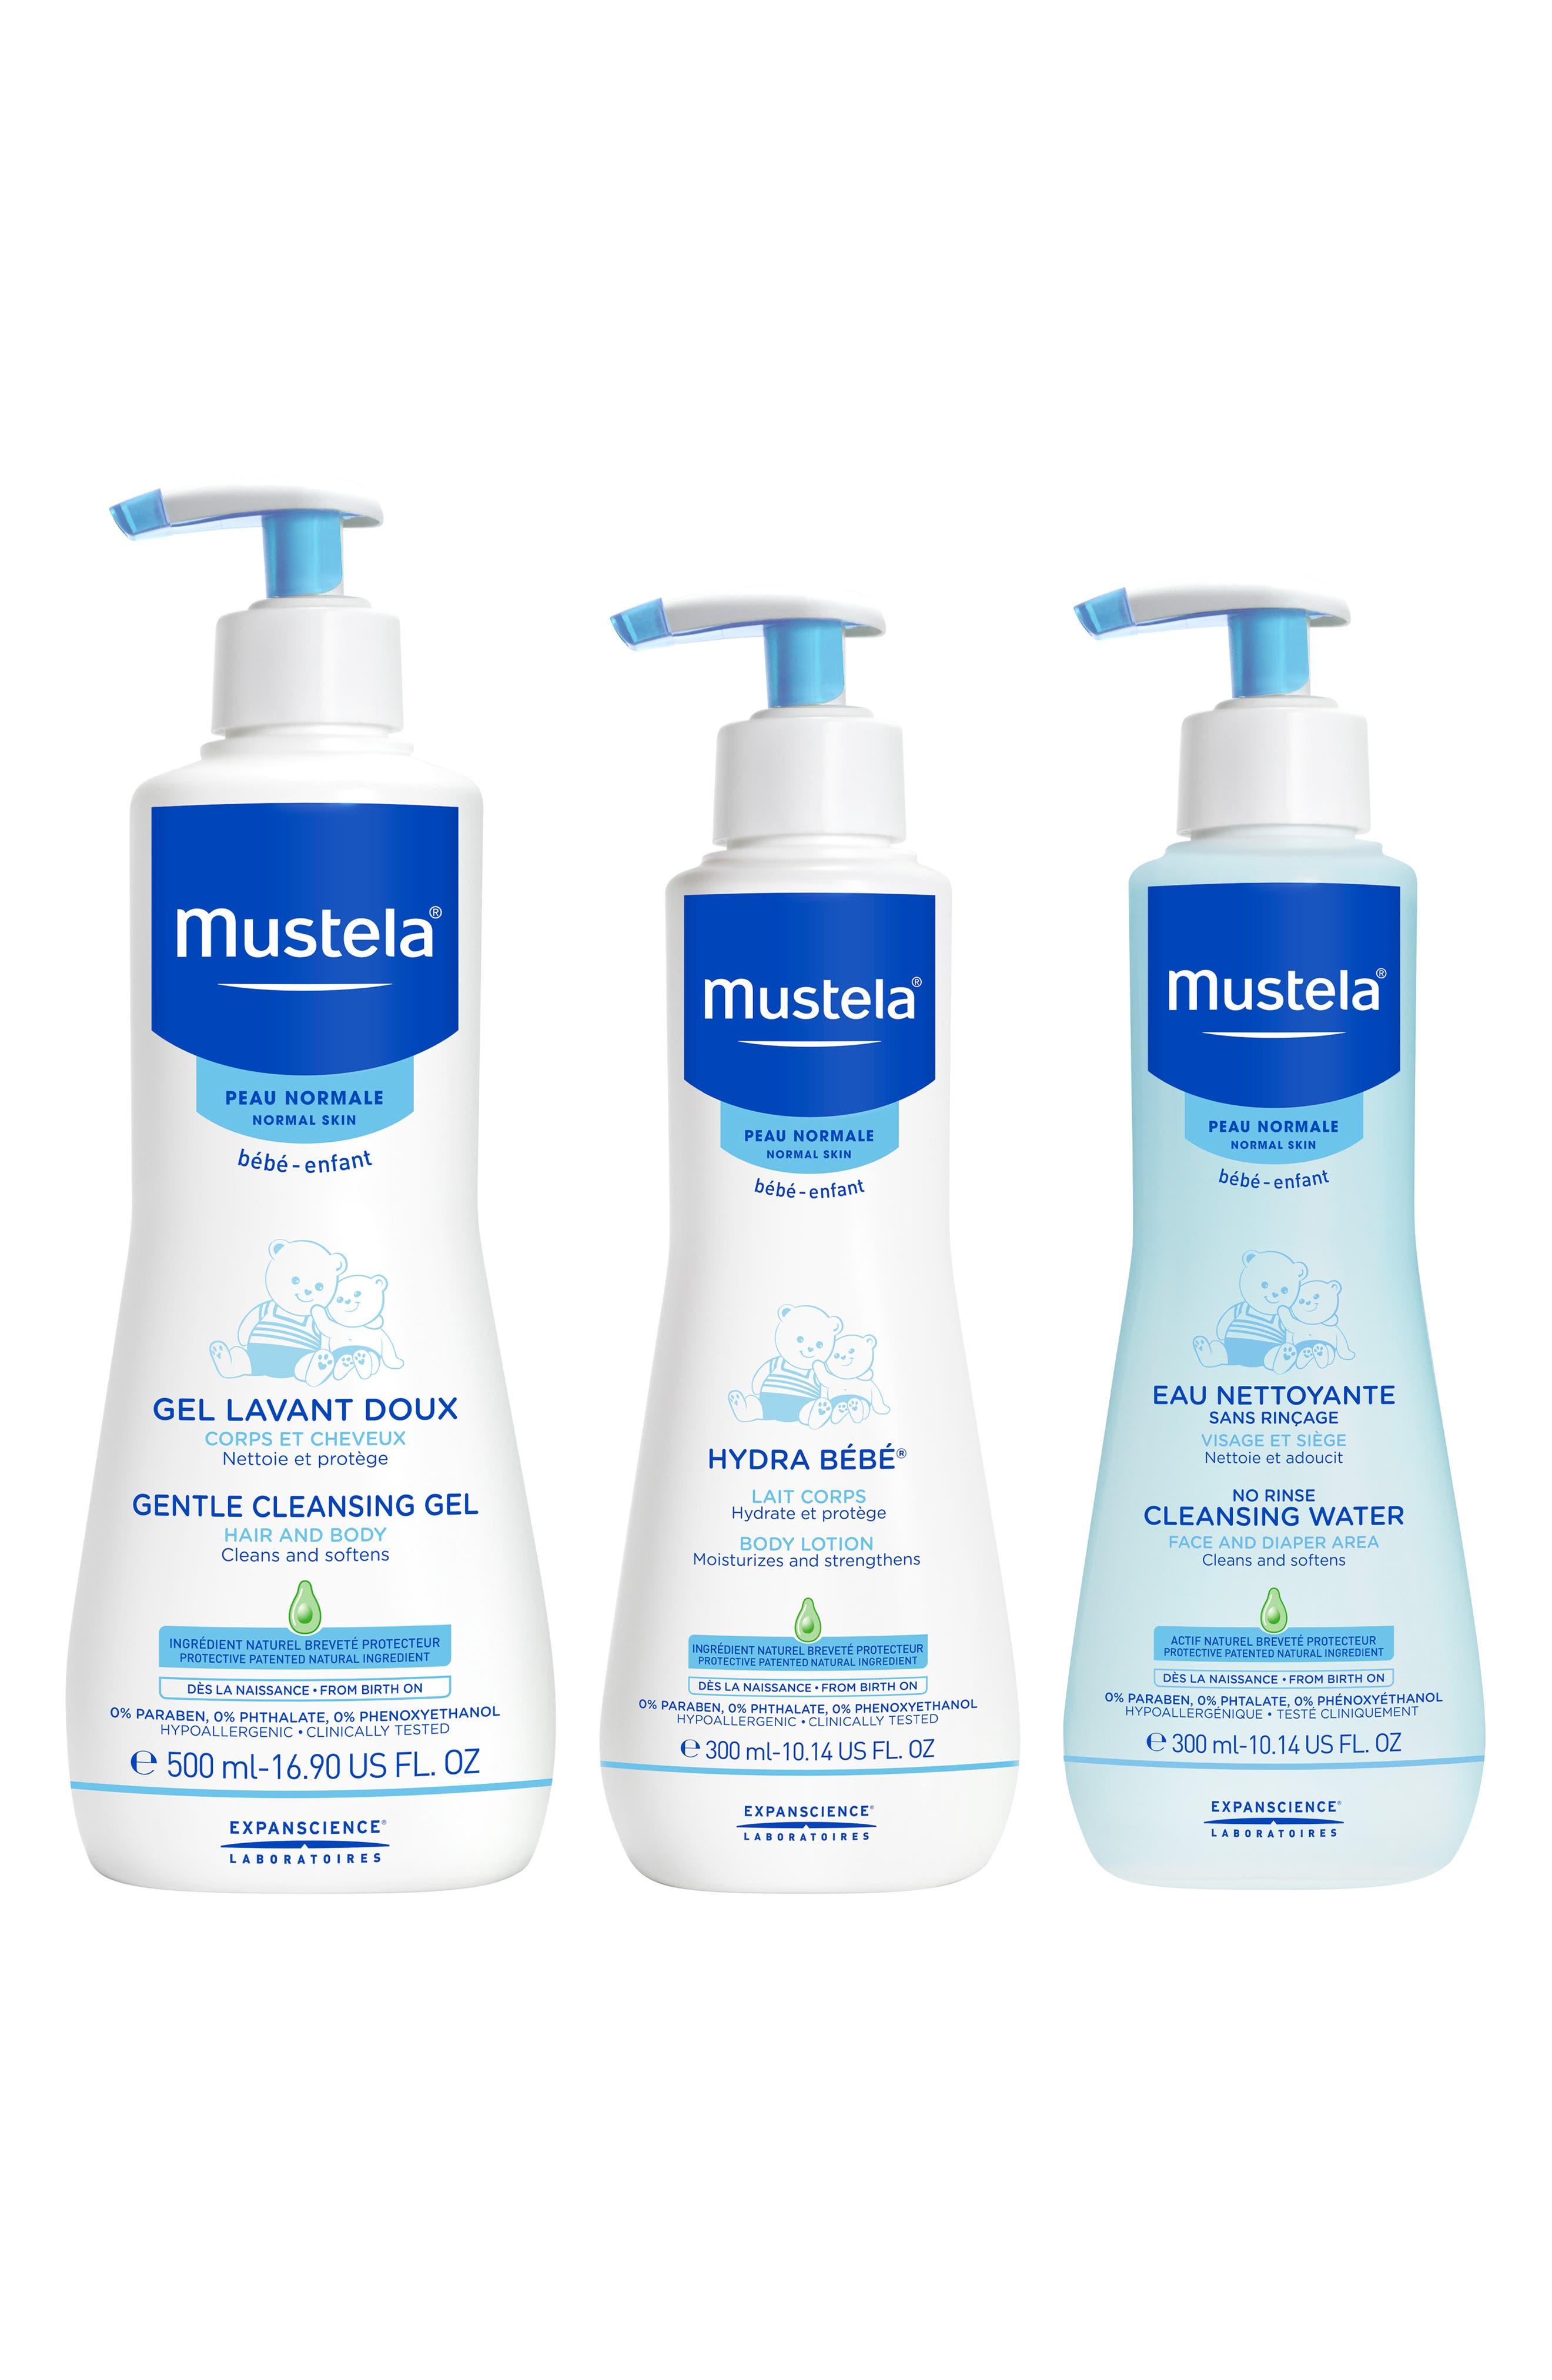 Mustela Gentle Cleansing Set